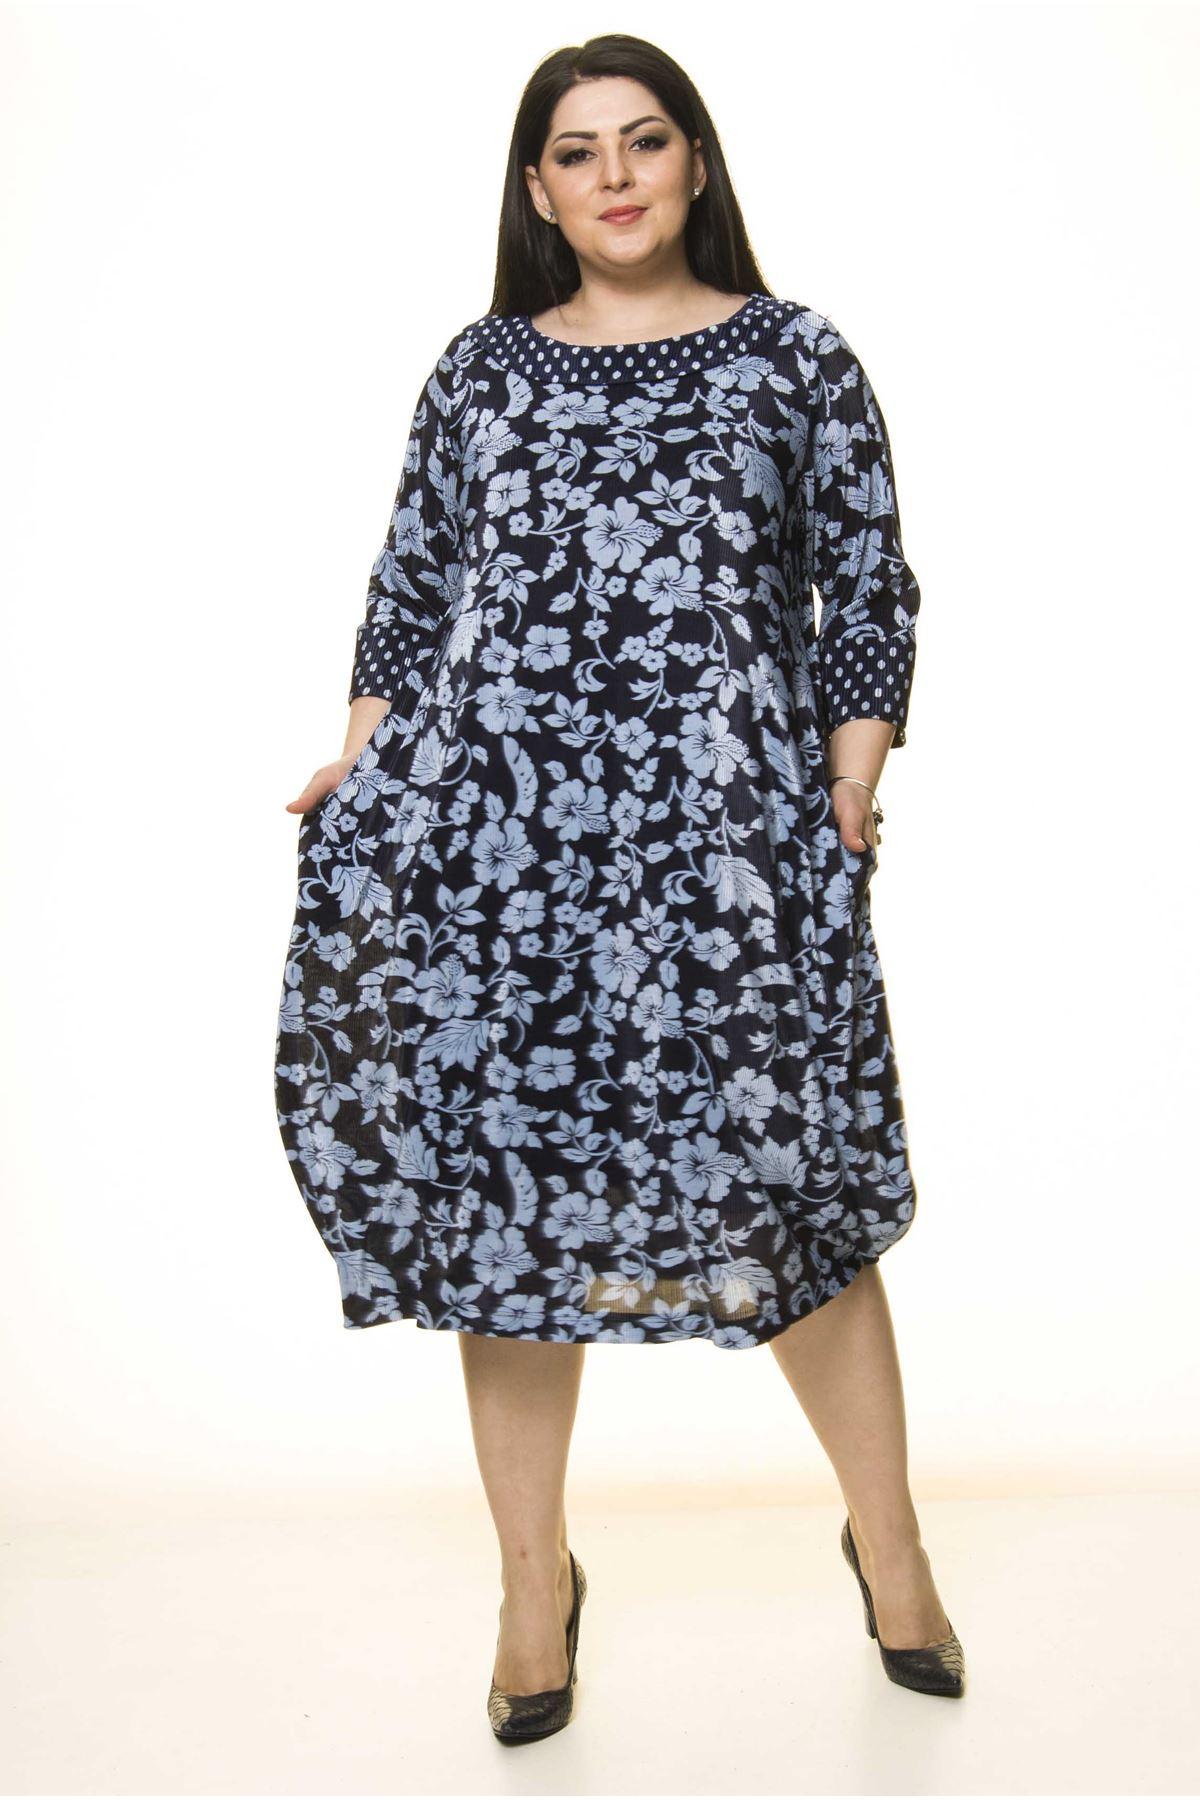 Lacivert Battal Elbise F10-1739